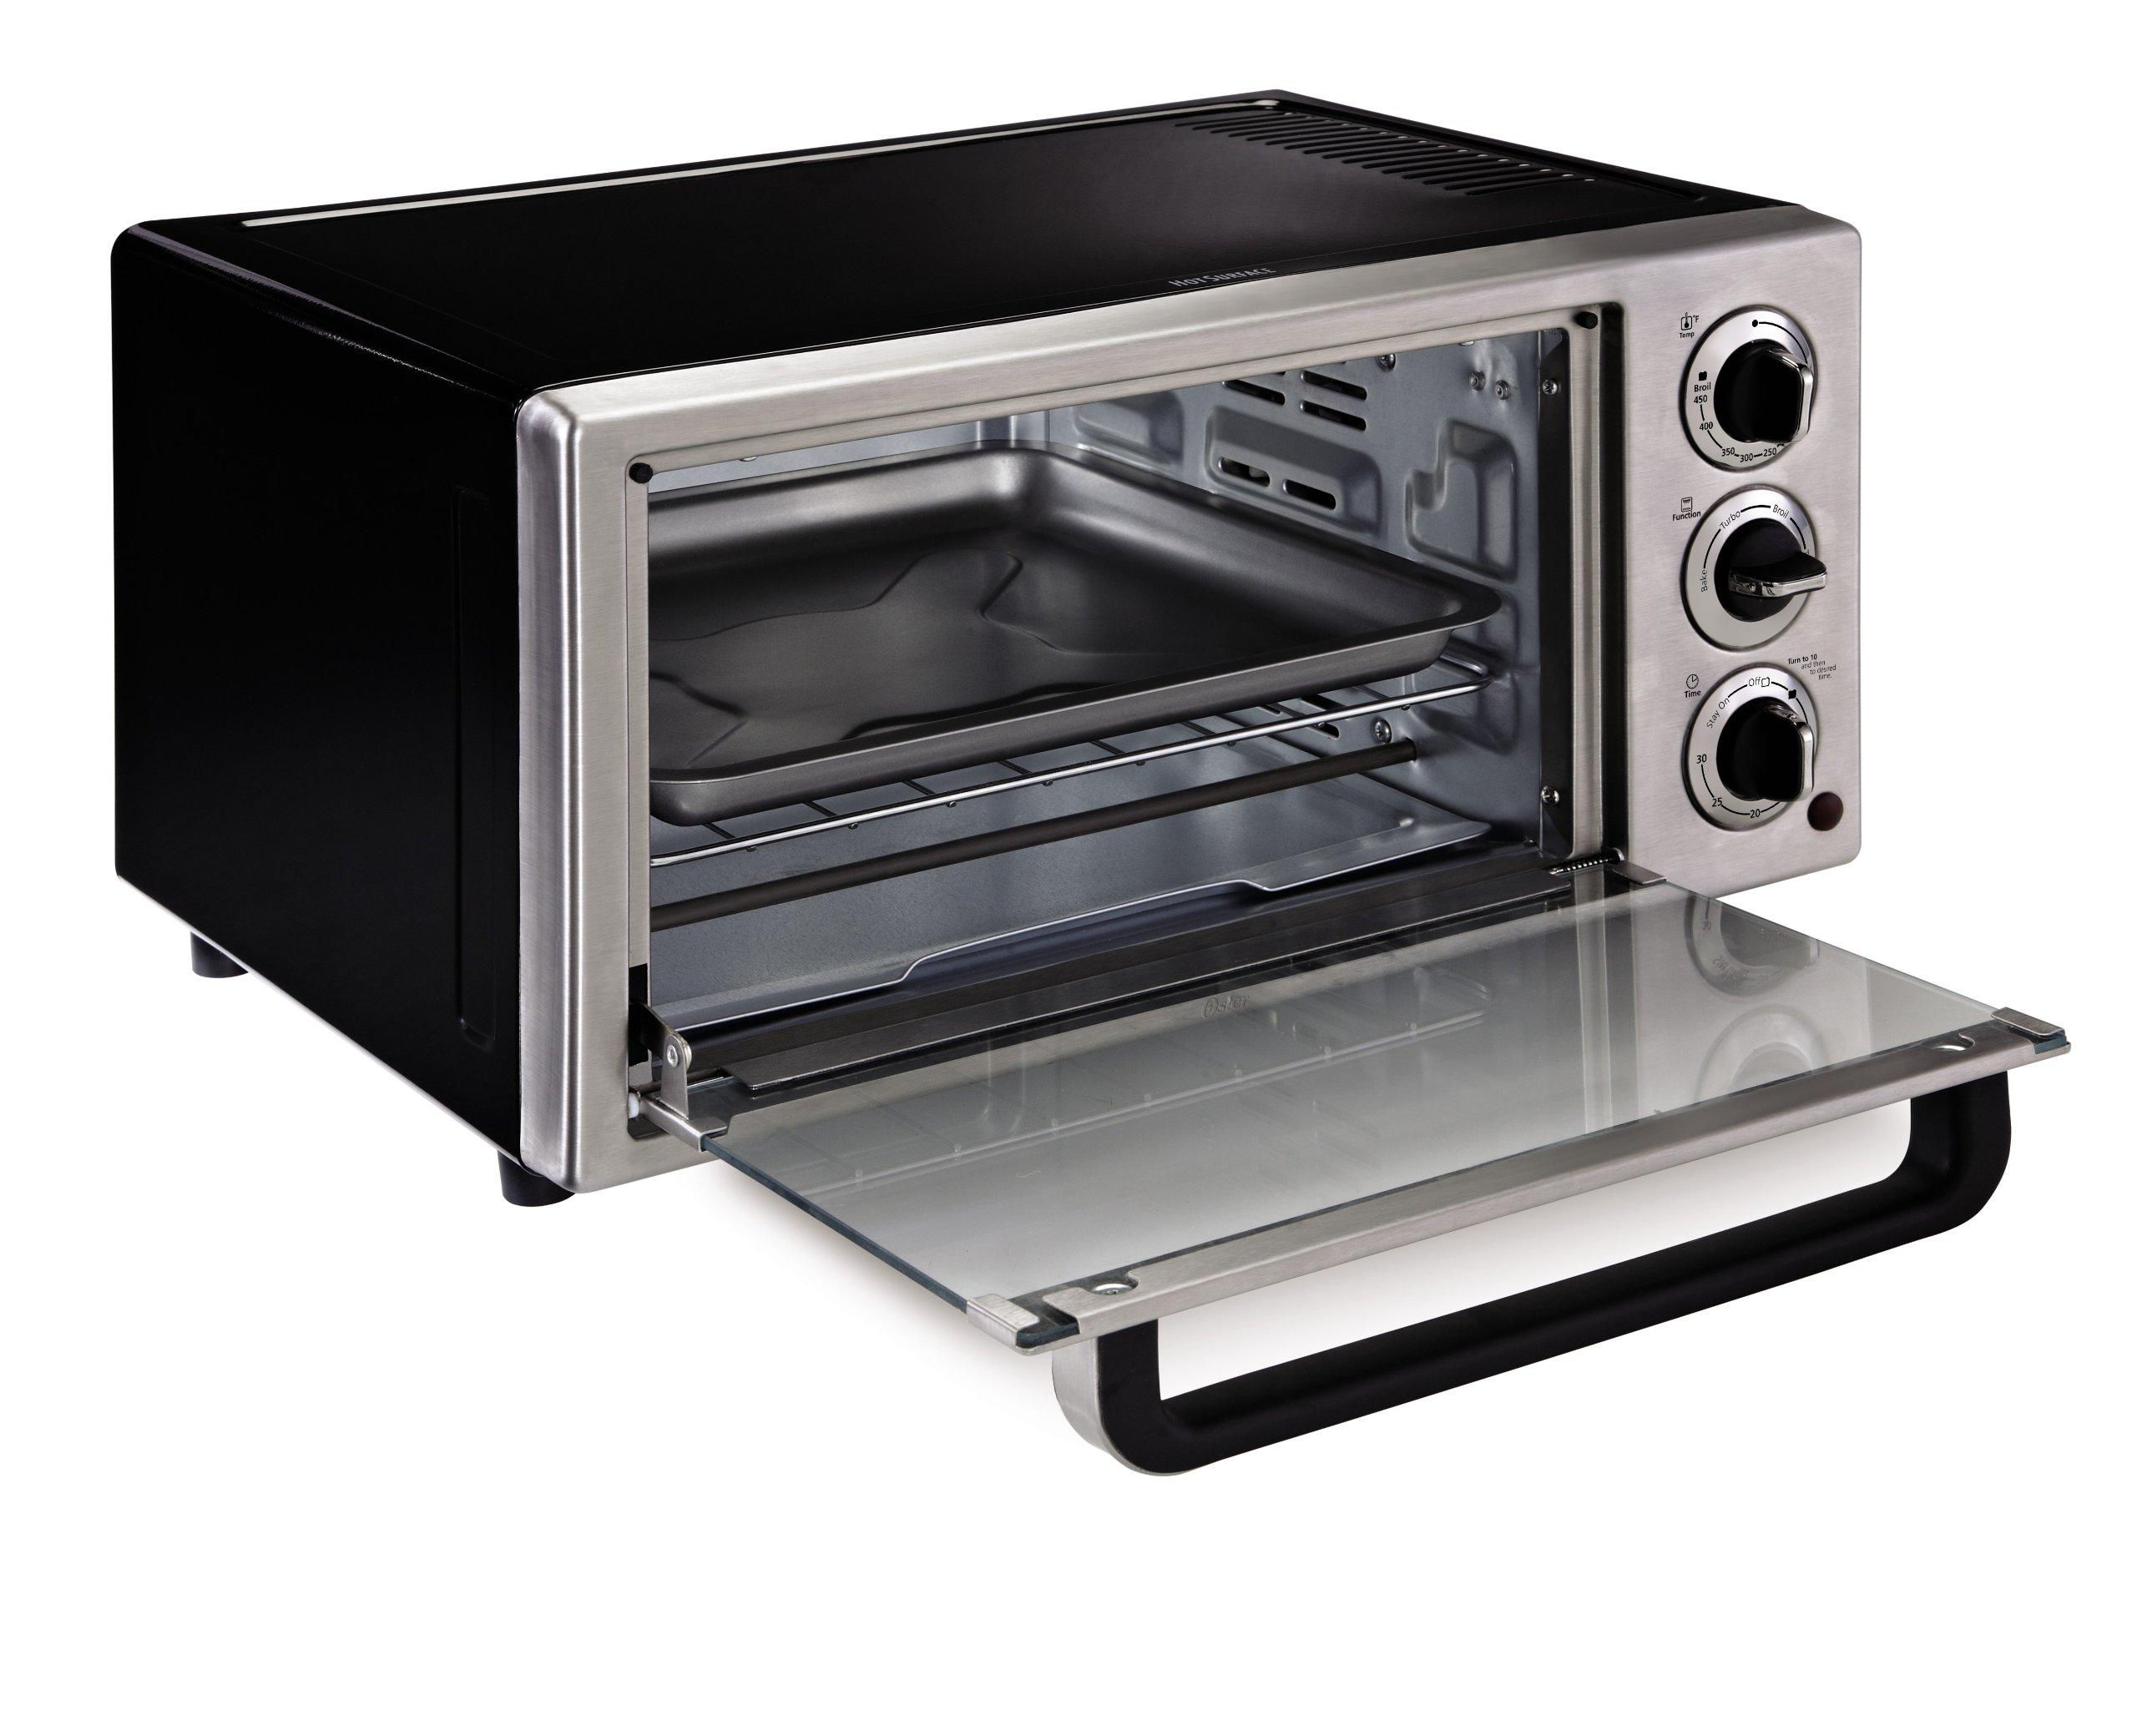 Oster TSSTTVF815 6-Slice Toaster Oven